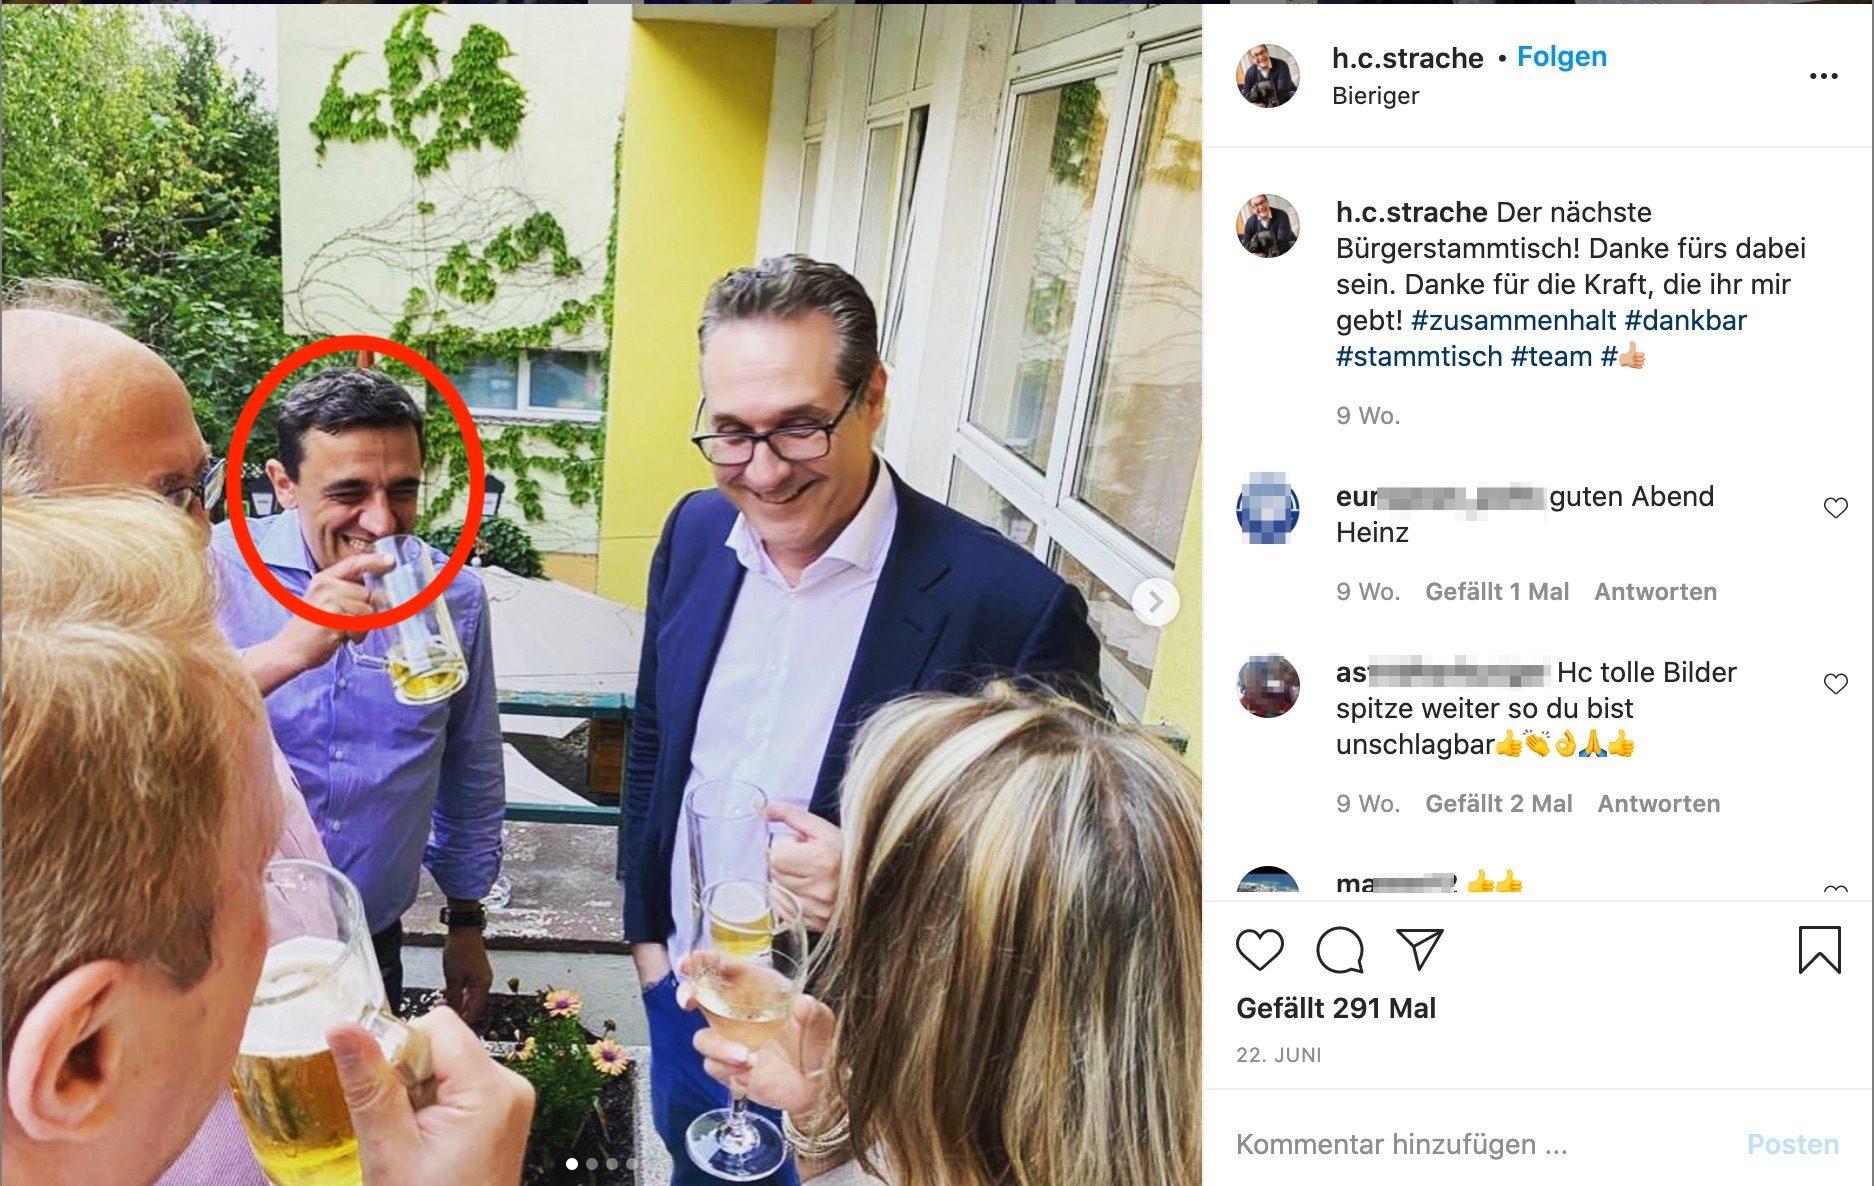 Martin Huber beim bierigen Strache-Stammtisch (Strache Instagram, 22.6.20)